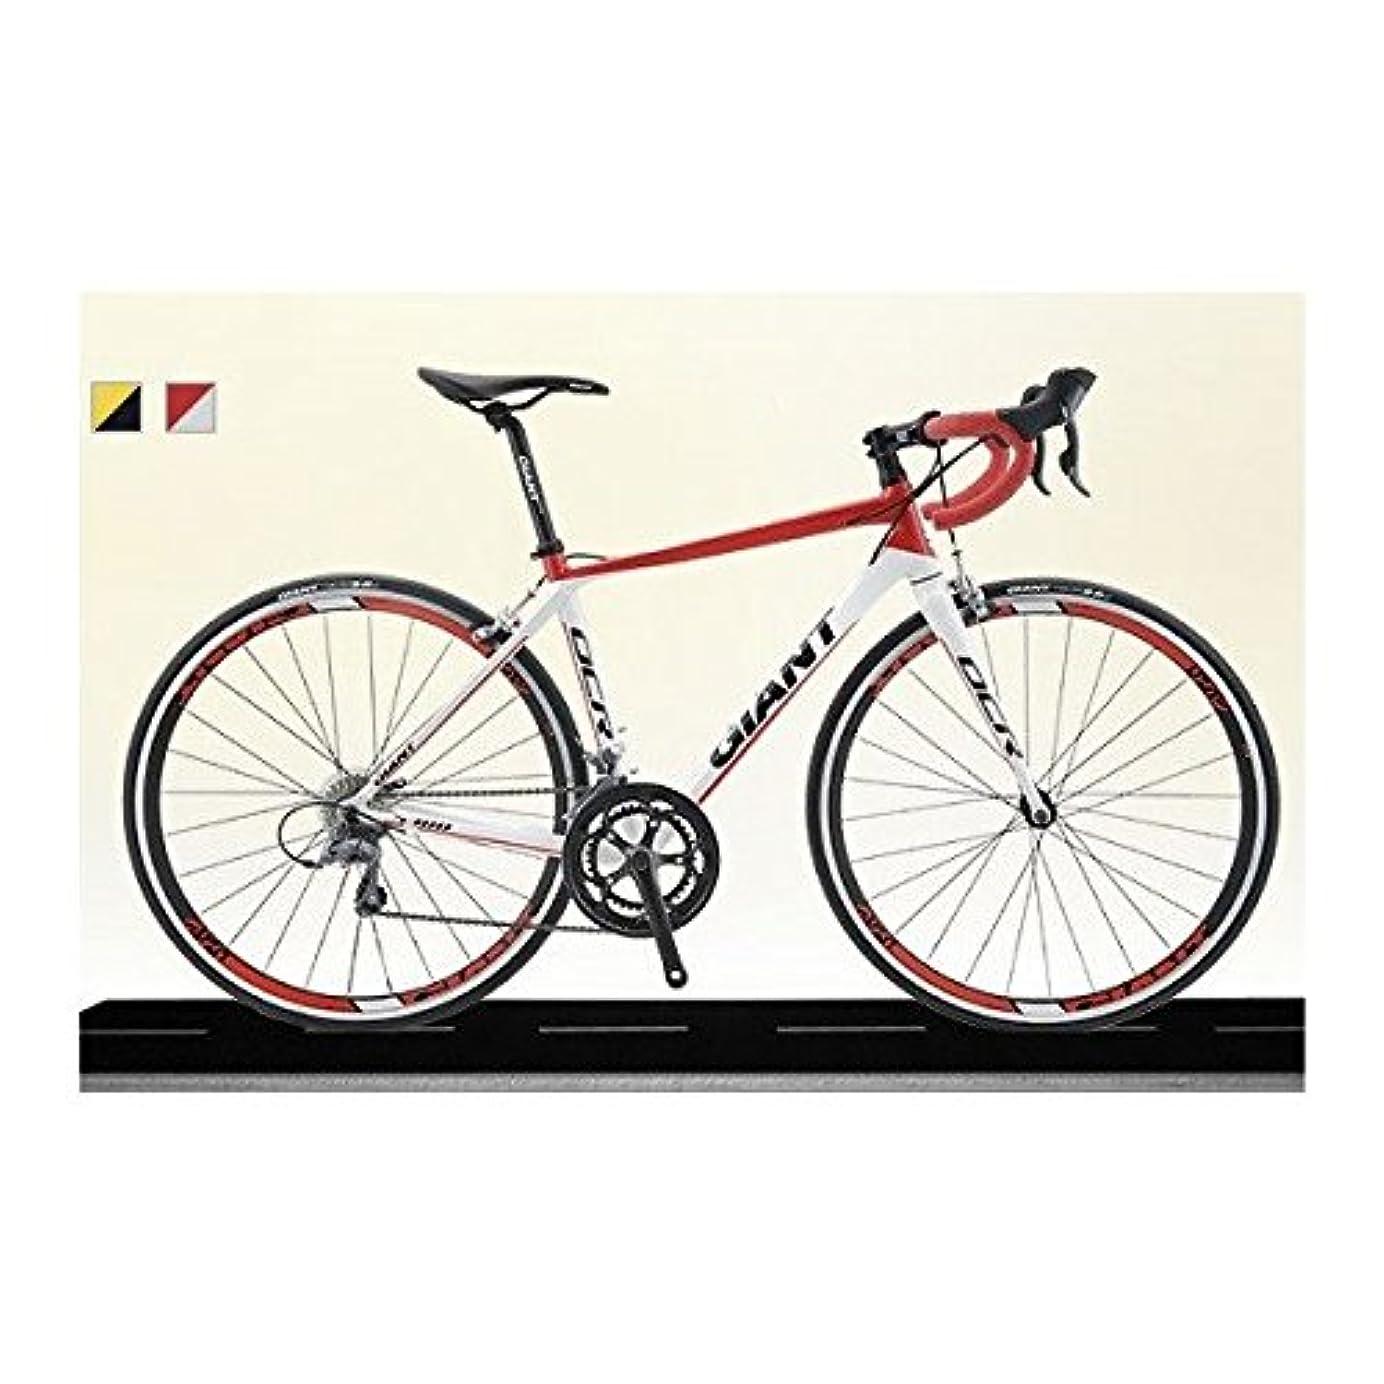 優雅な今日出発するBIANCHI(ビアンキ) クロスバイク C?SPORT Matt CK-Black/White 55 55サイズ